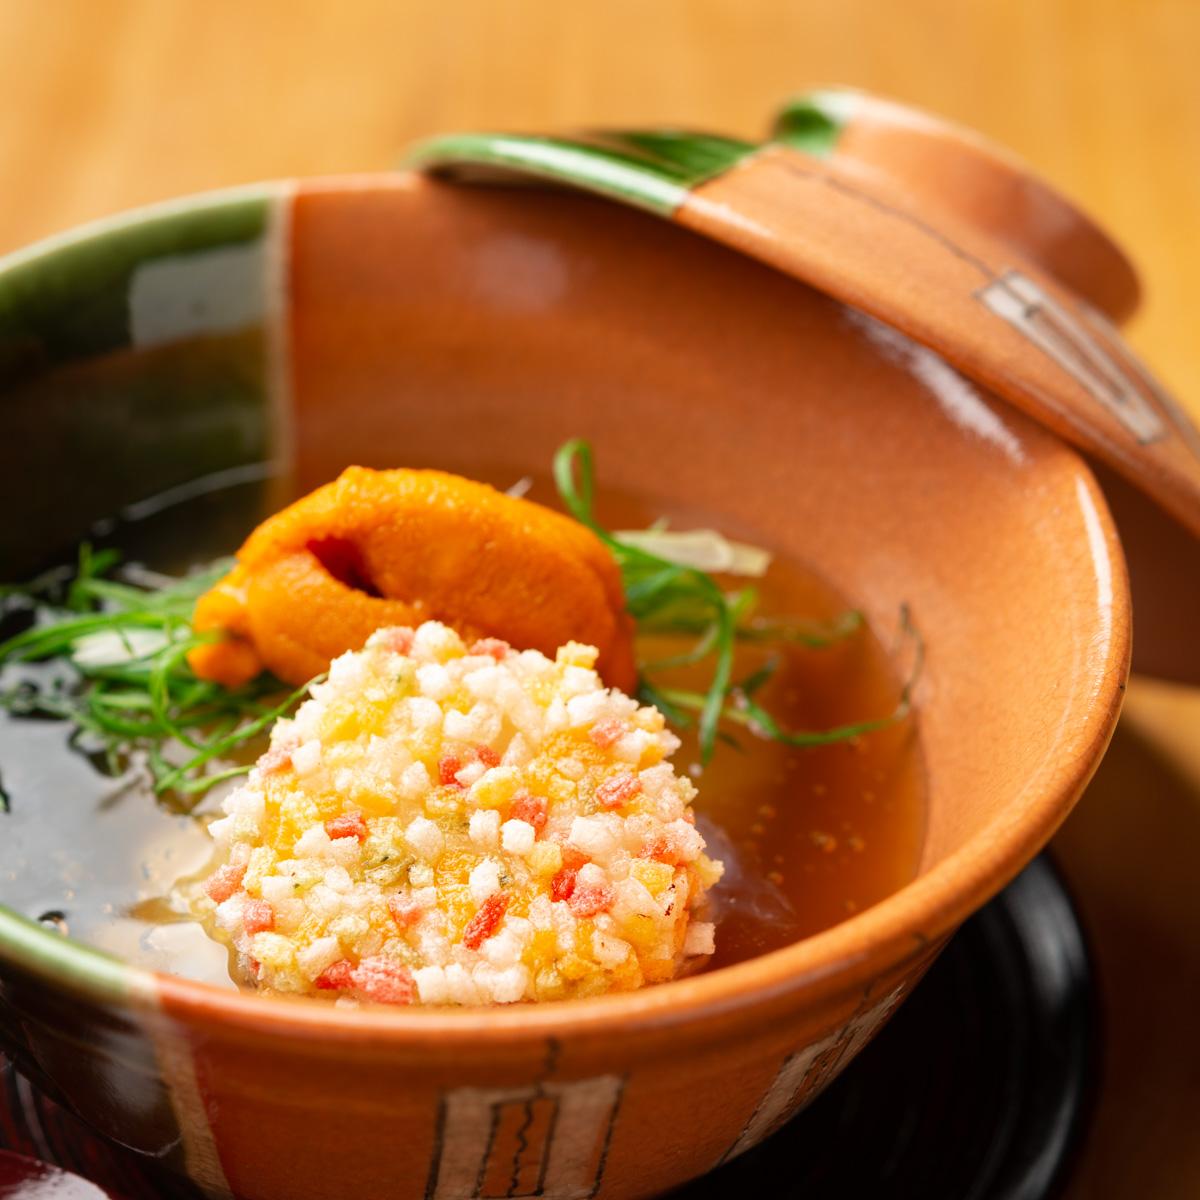 煮物|冬瓜と新里芋の炊き合わせ